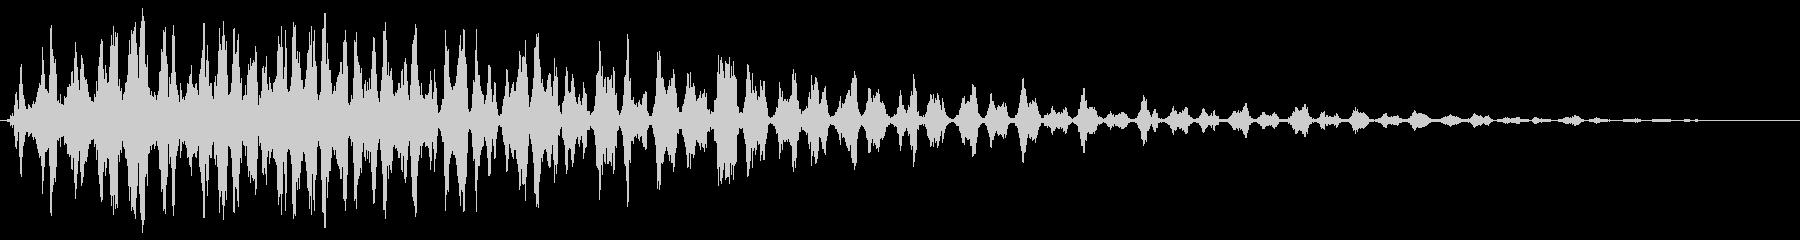 コミカル飛行音(プワワ)の未再生の波形